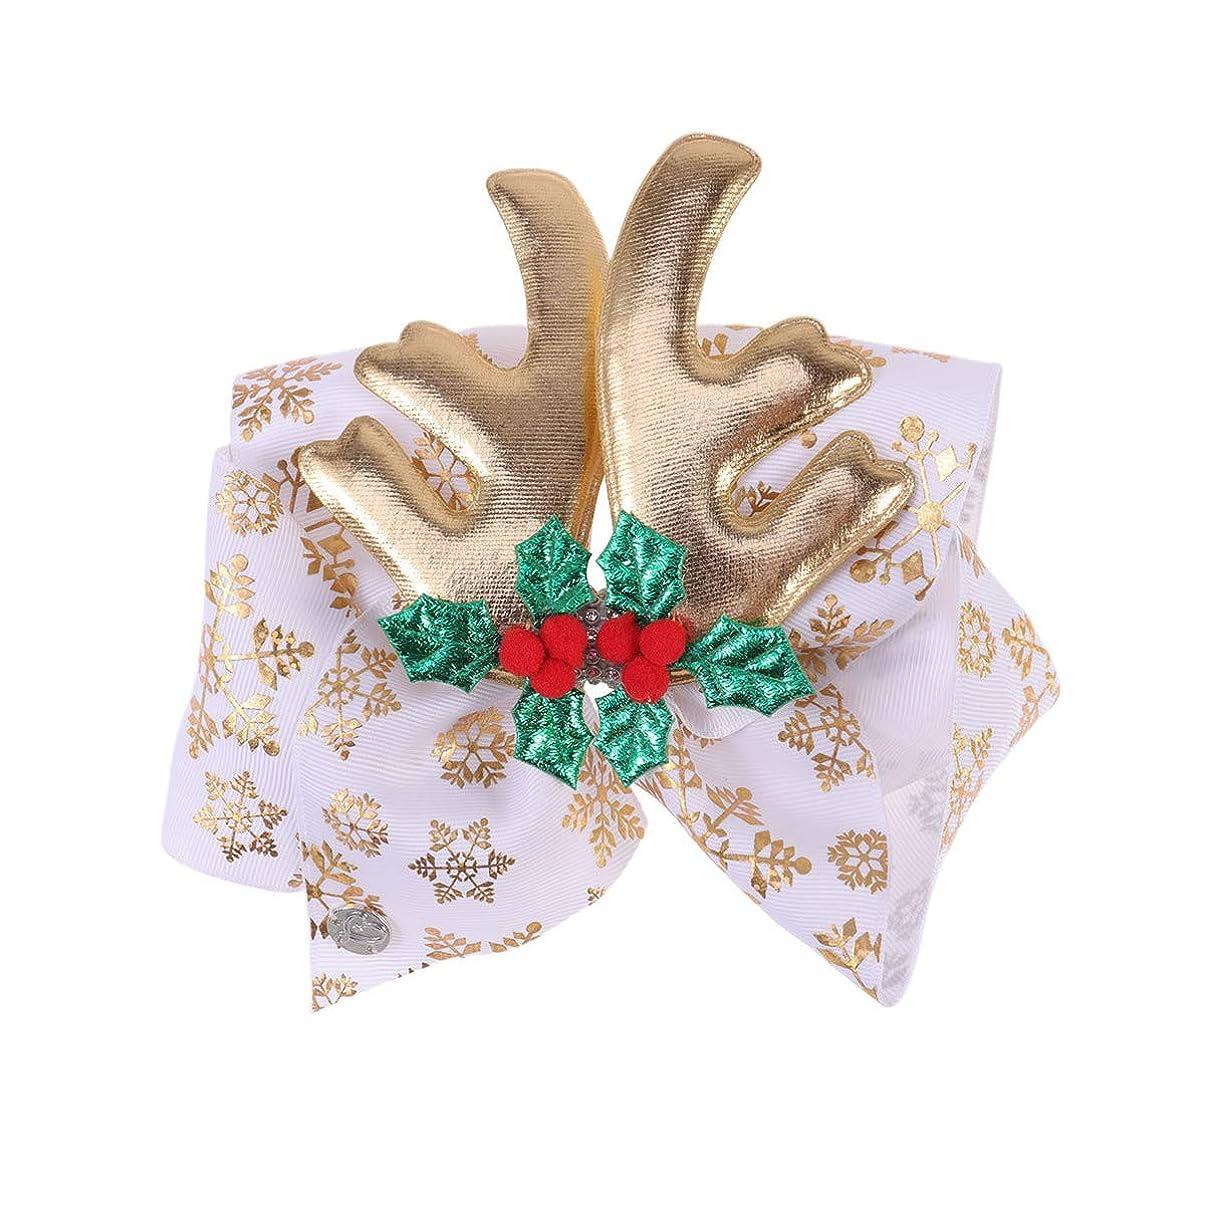 シュリンクまさに入札Lurrose クリスマスの弓のヘアクリップ枝角ヘアピンクリスマスの日の子供の子供のためのダイヤモンドヘアアクセサリー